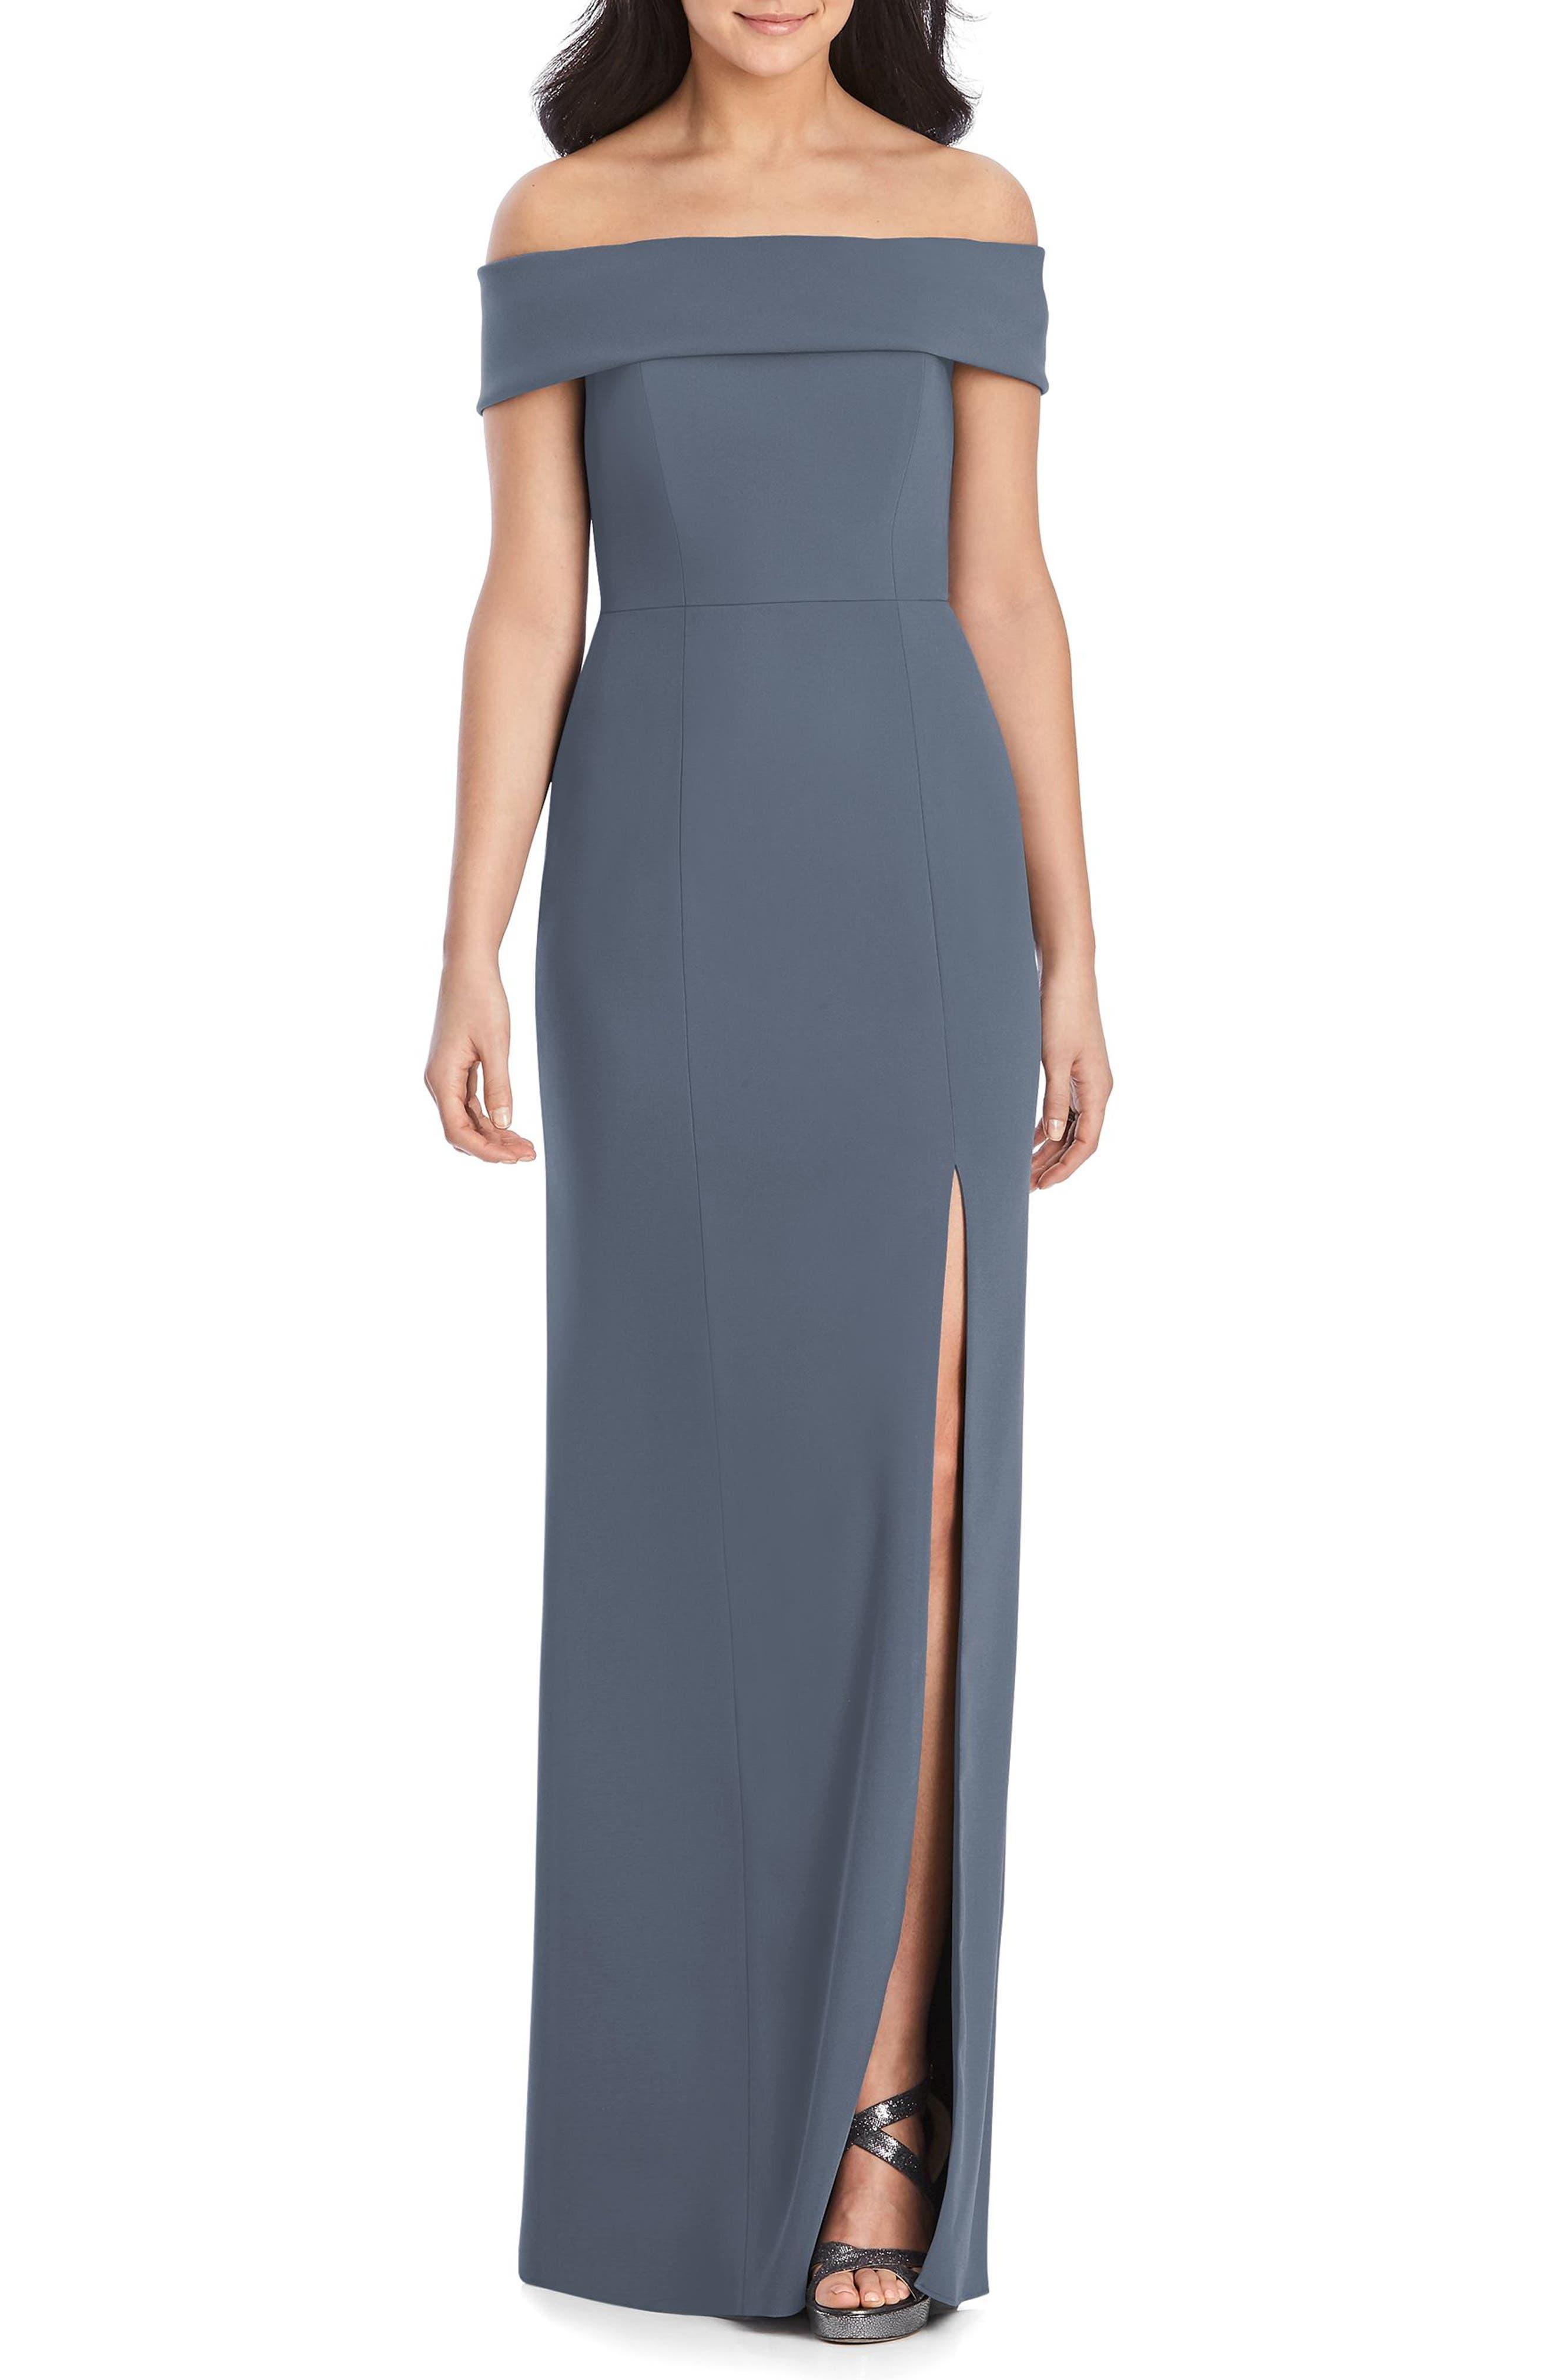 Dessy Collection Off The Shoulder Side Slit Crepe Gown, Grey